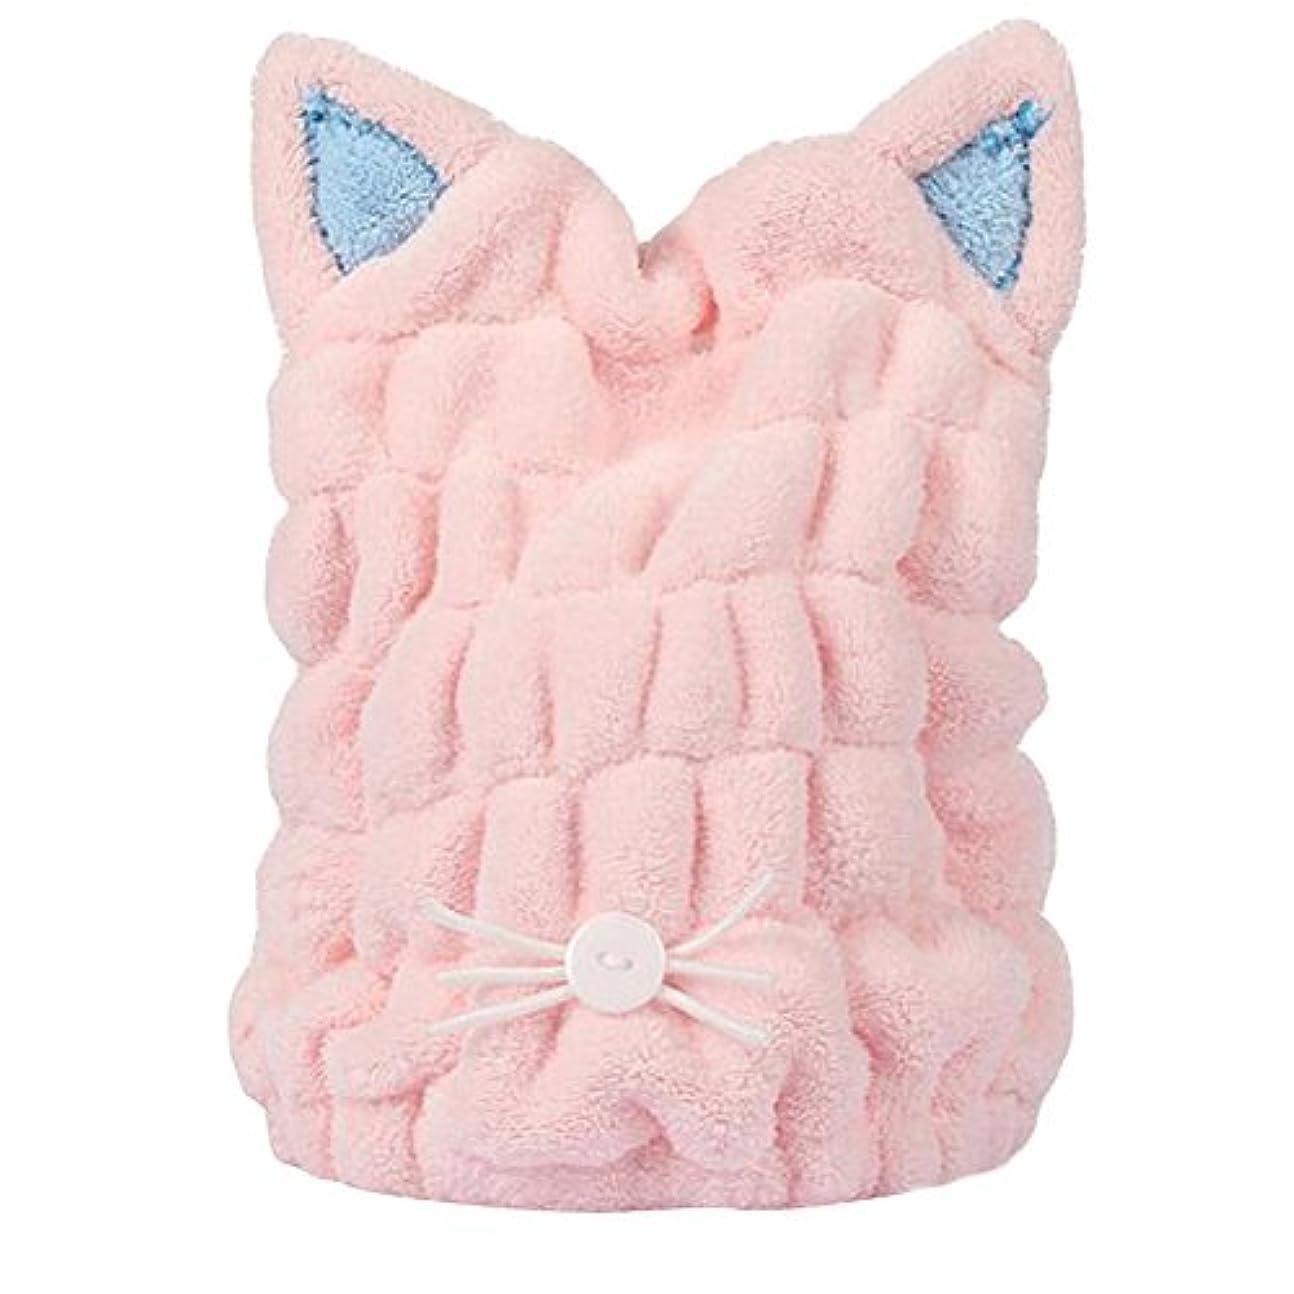 フラグラントラフのタオルキャップ 猫耳 ヘアドライキャップ 吸水 乾燥用 お風呂用 マイクロファイバー 可愛い (ピンク)